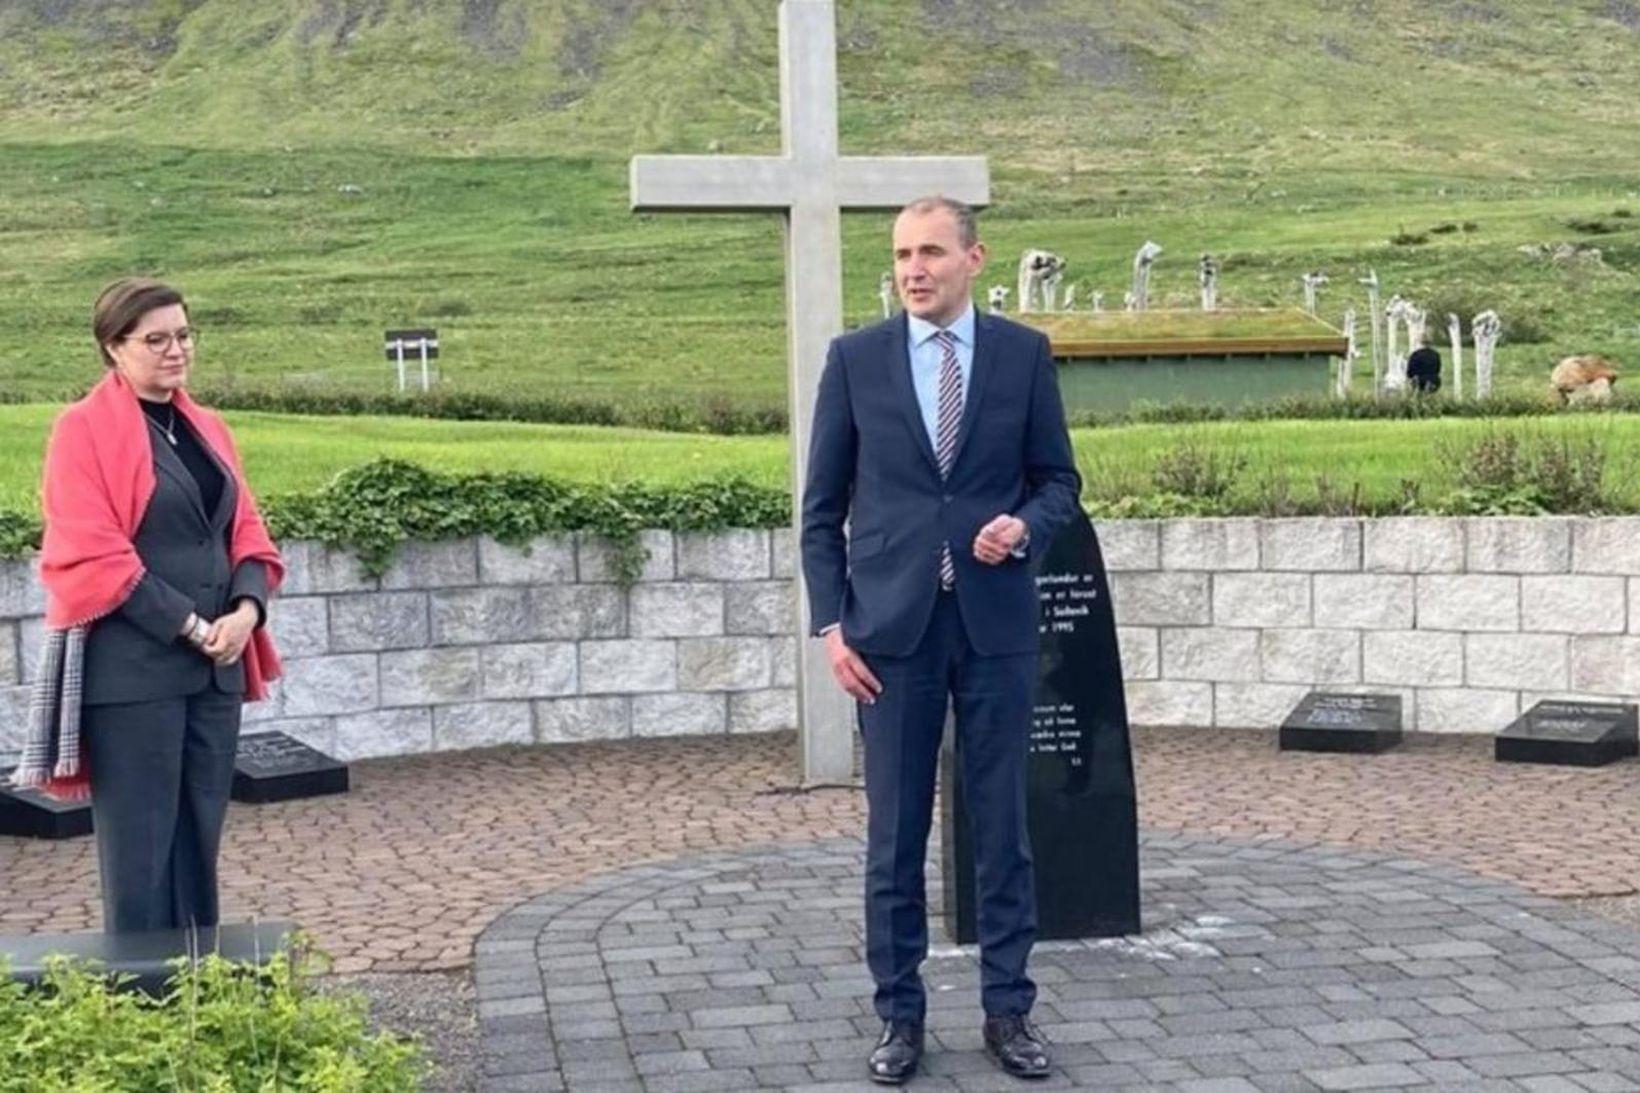 Eliza Reid forsetafrú og Guðni Th. Jóhannesson forseti Íslands við …